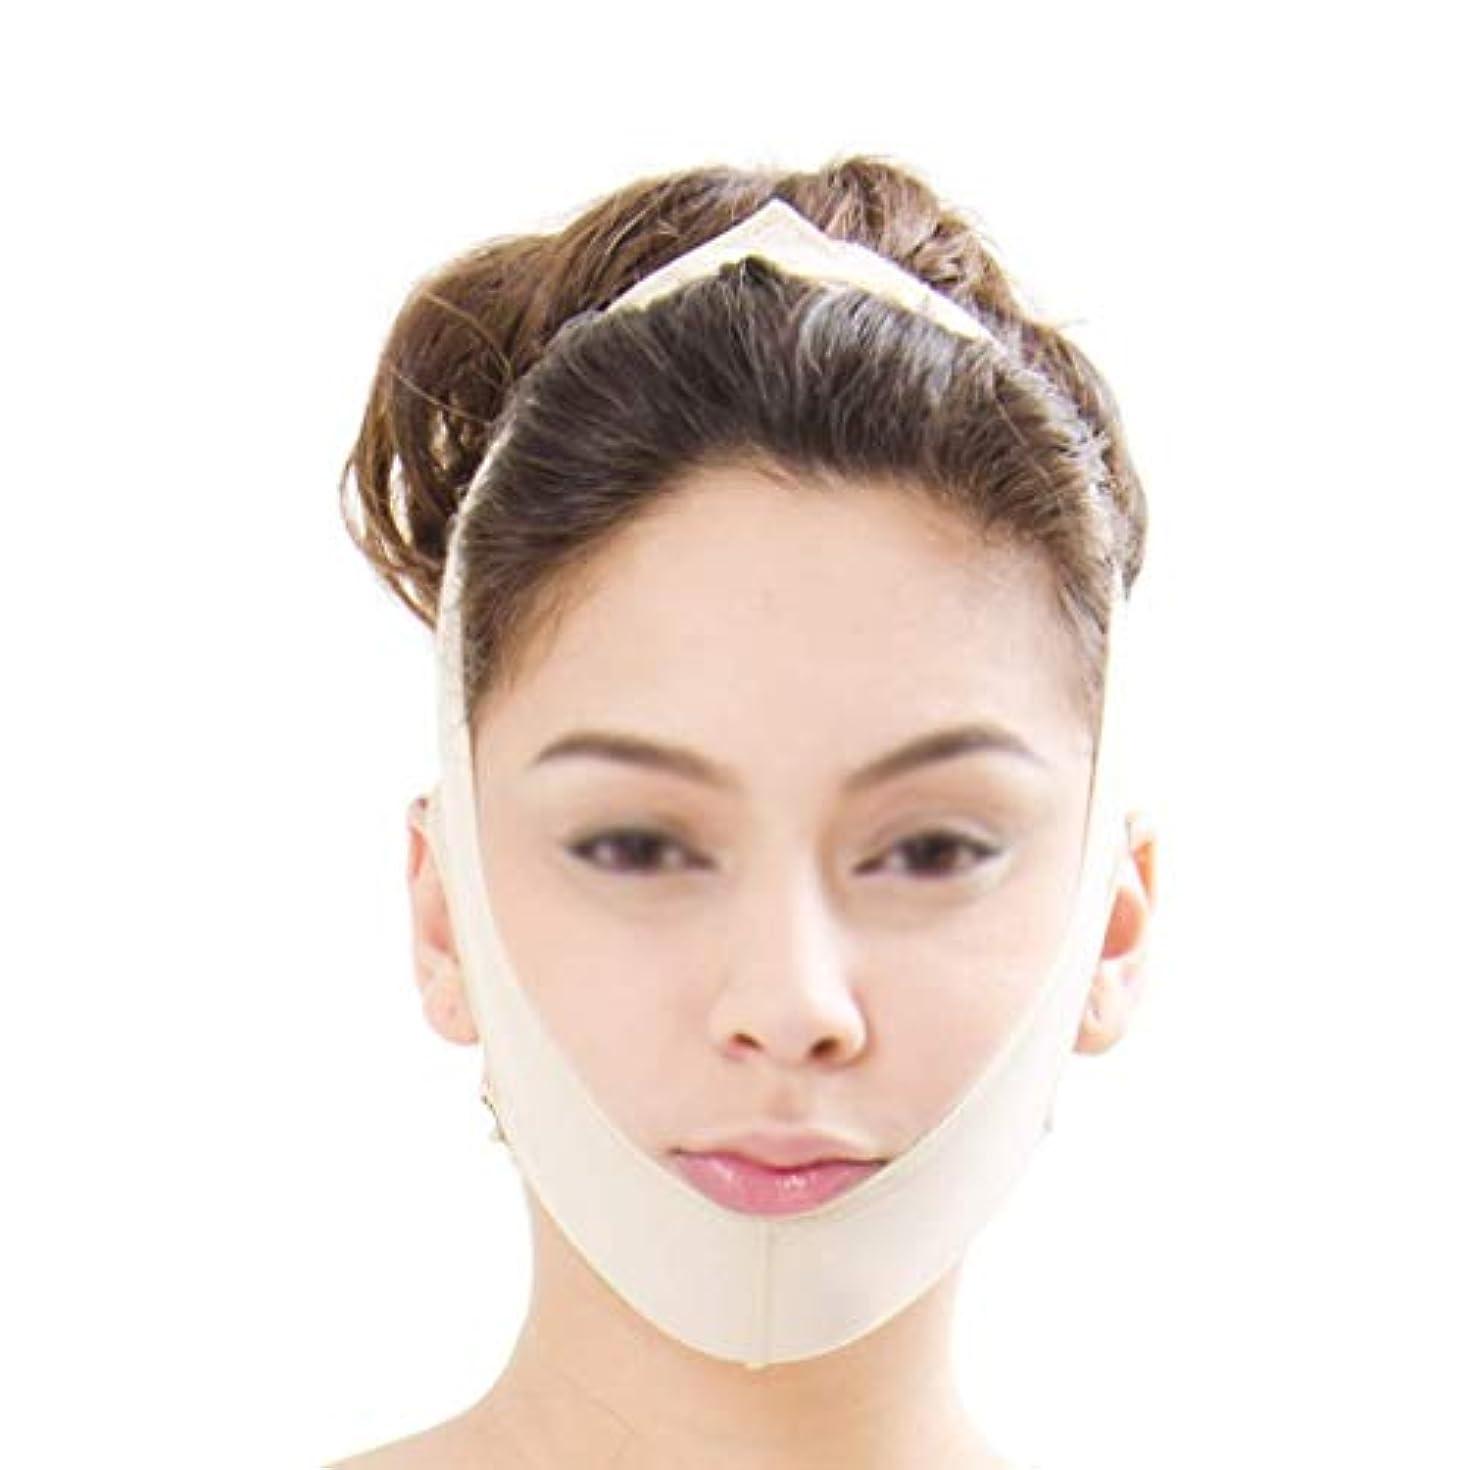 アミューズメント反発するレコーダーフェイススリミングバンデージ、フェイスリフティングマスク、フェイスリフティングバンデージ、フェイシャル減量マスク、ダブルチンケア減量(サイズ:M),XXL